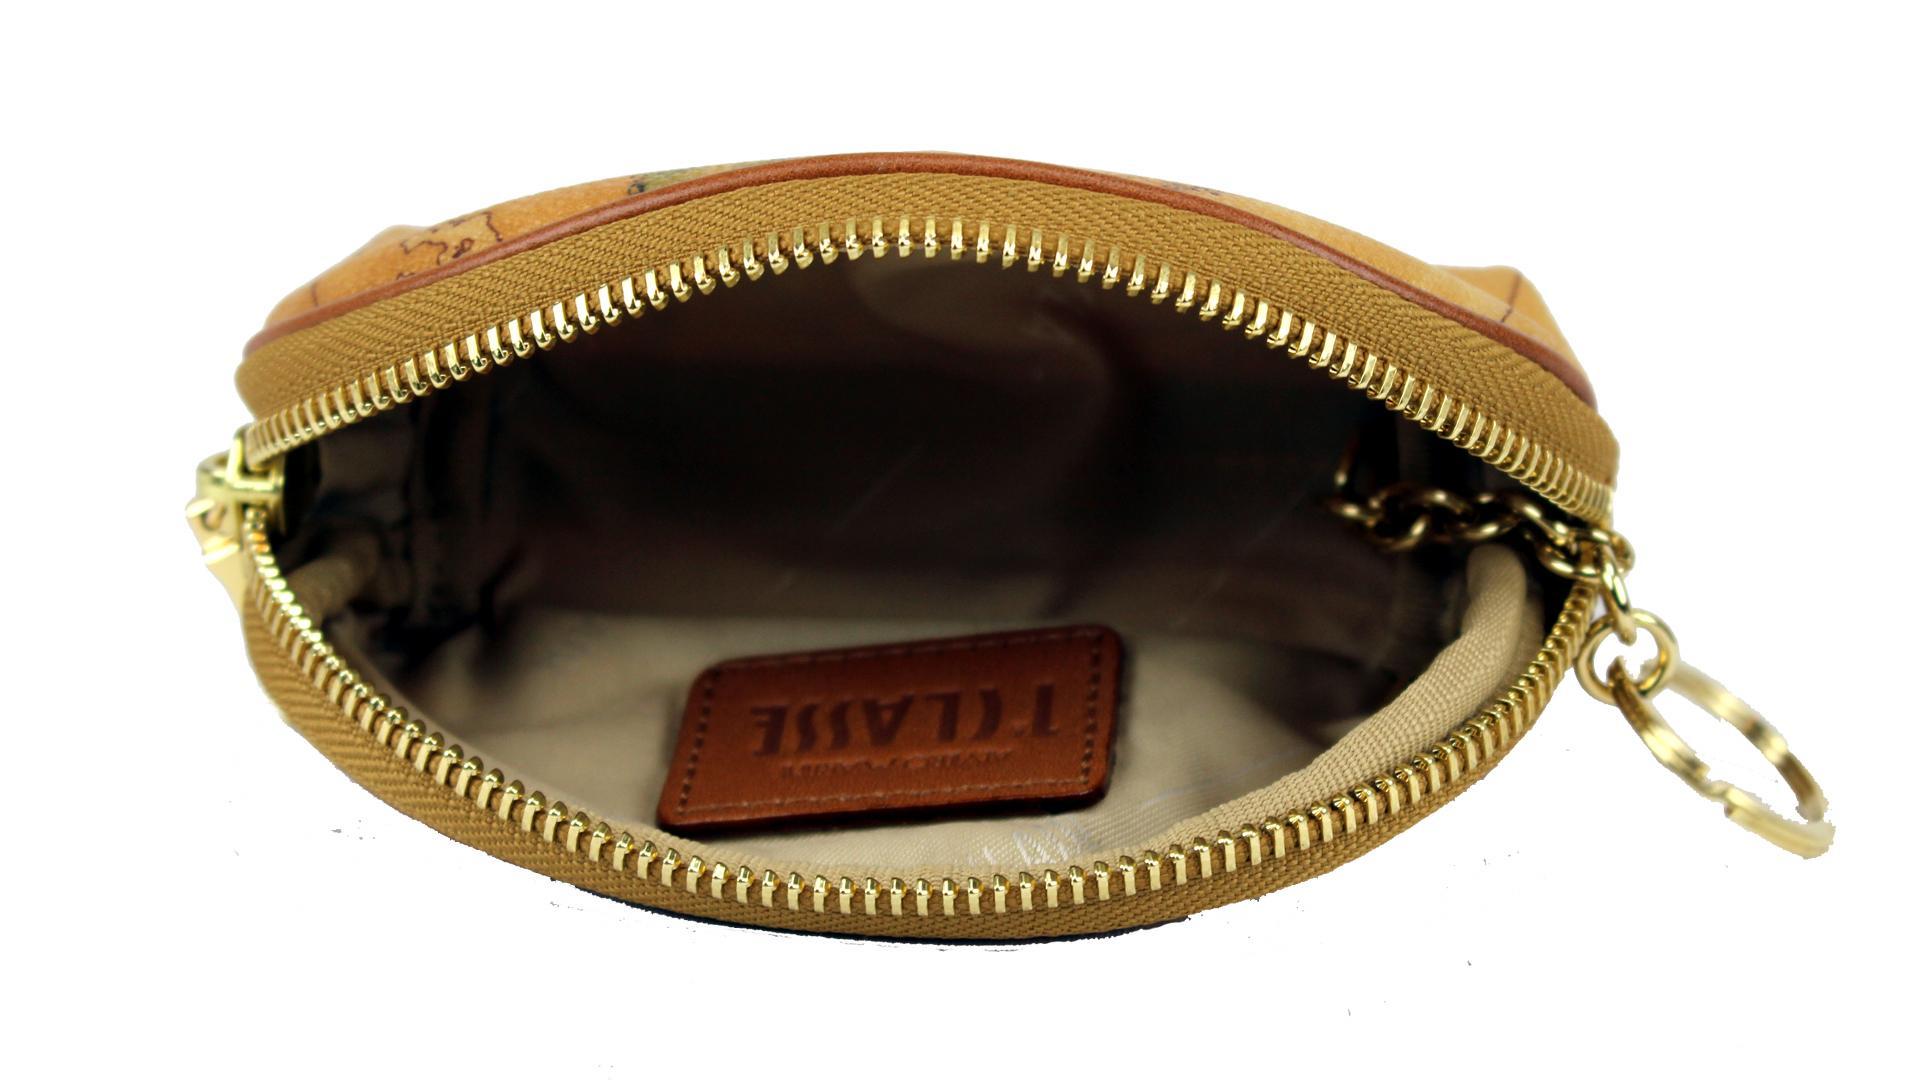 Beauty case  Alviero Martini 1A Classe  M027 6000 010 Classico